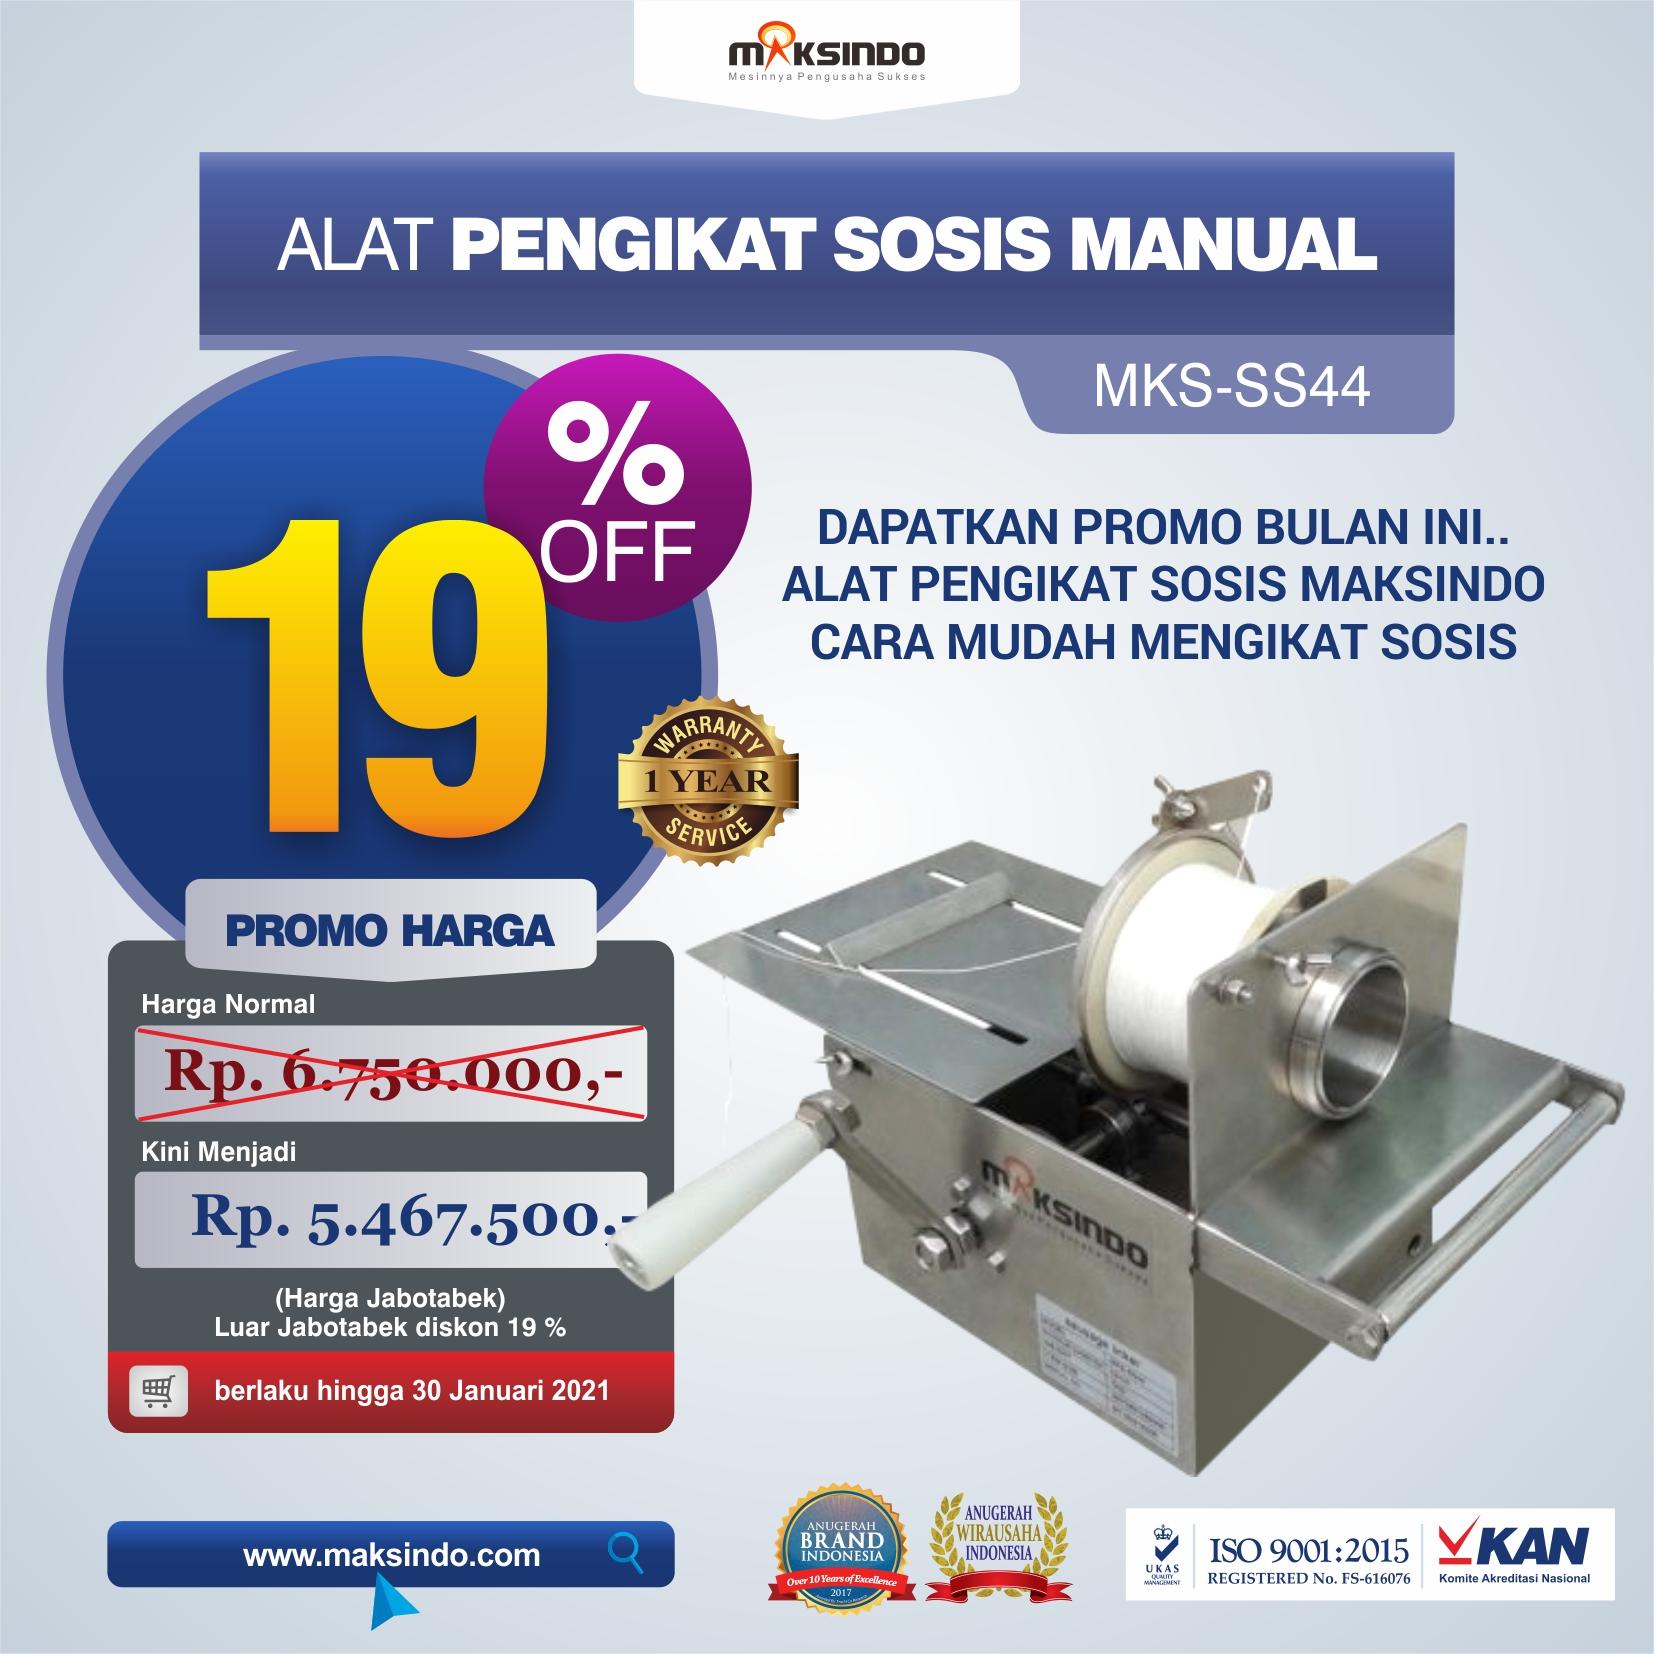 Jual Alat Pengikat Sosis Manual (MKS-SS44) di Yogyakarta